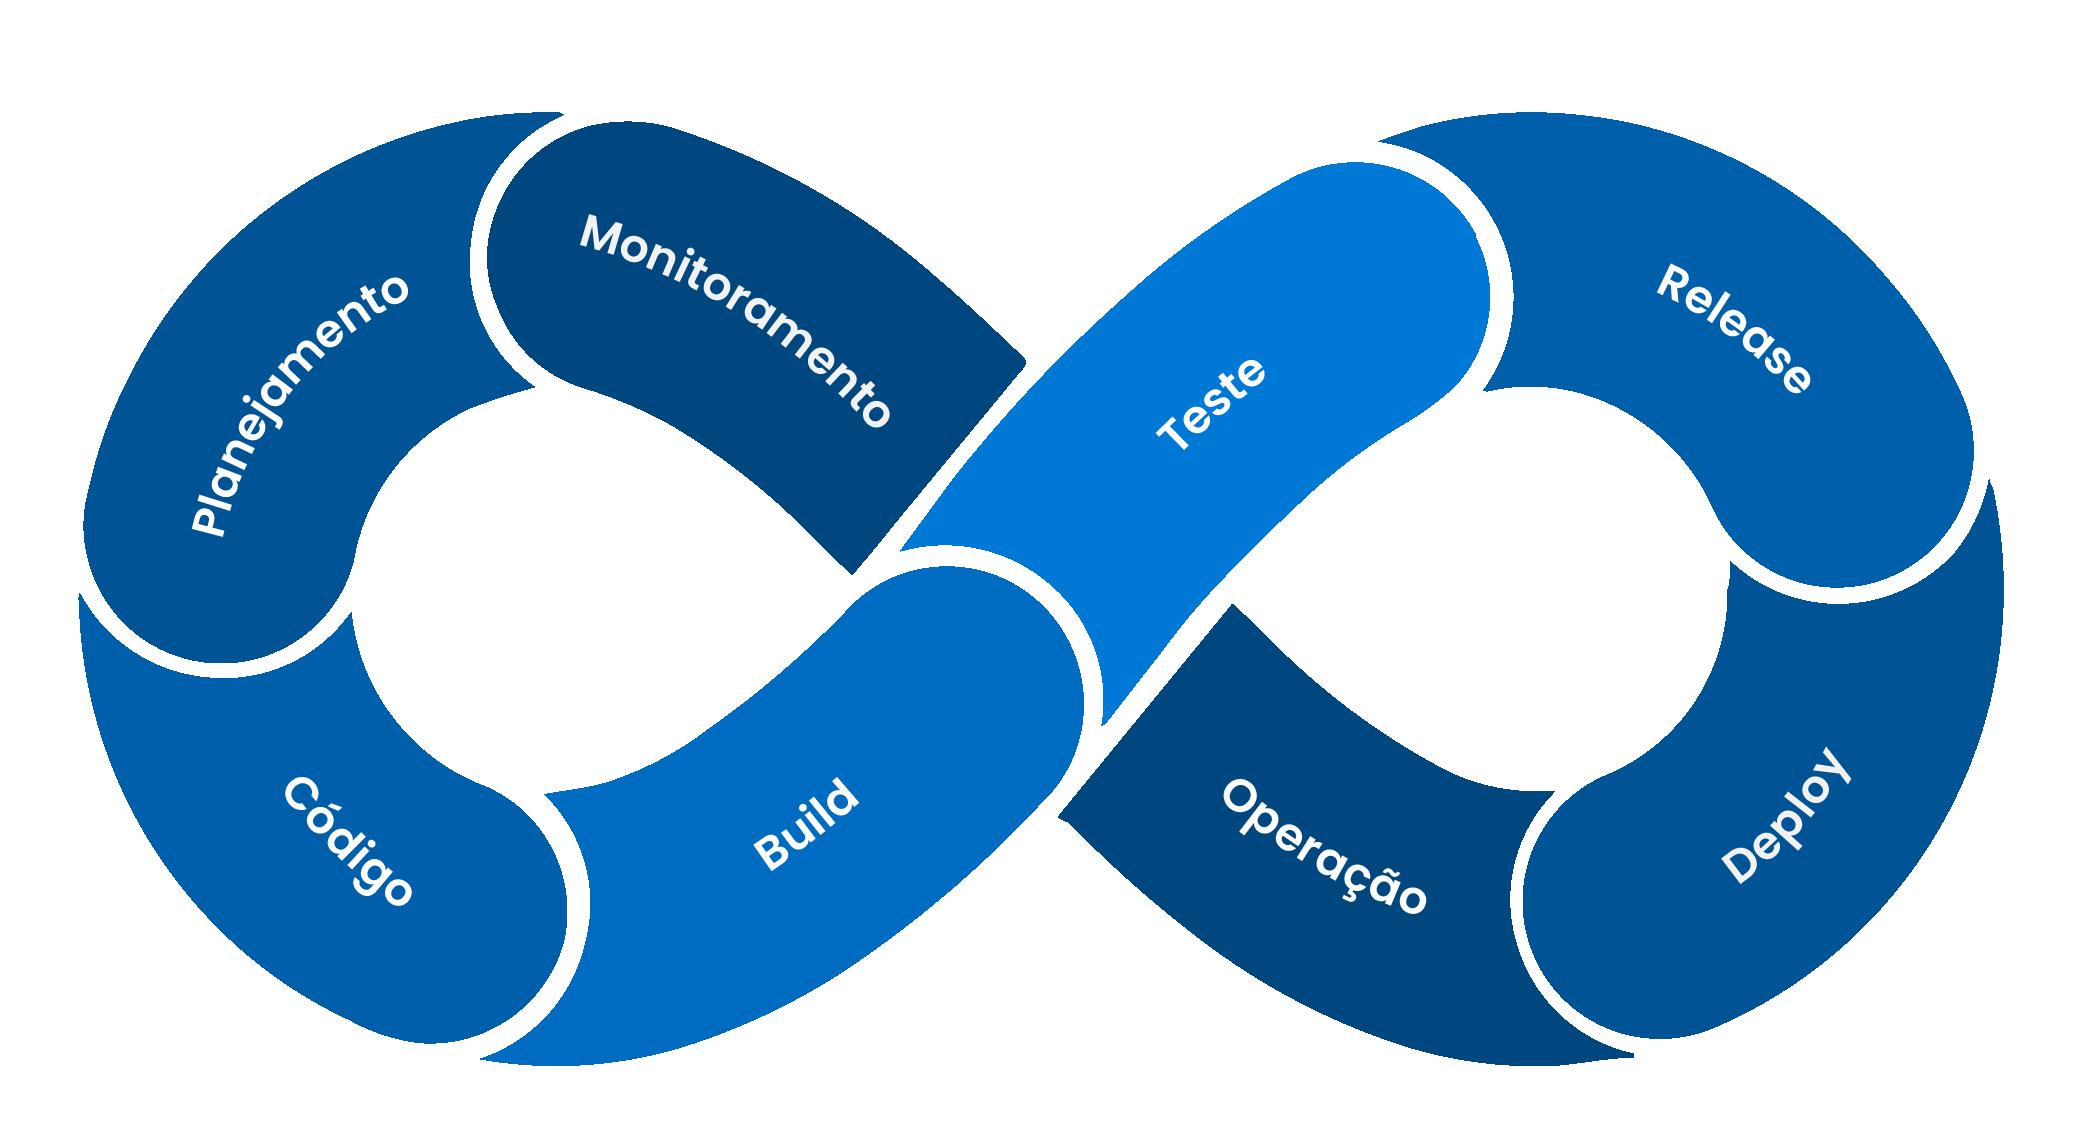 Ciclo de desenvolvimento com DevOps